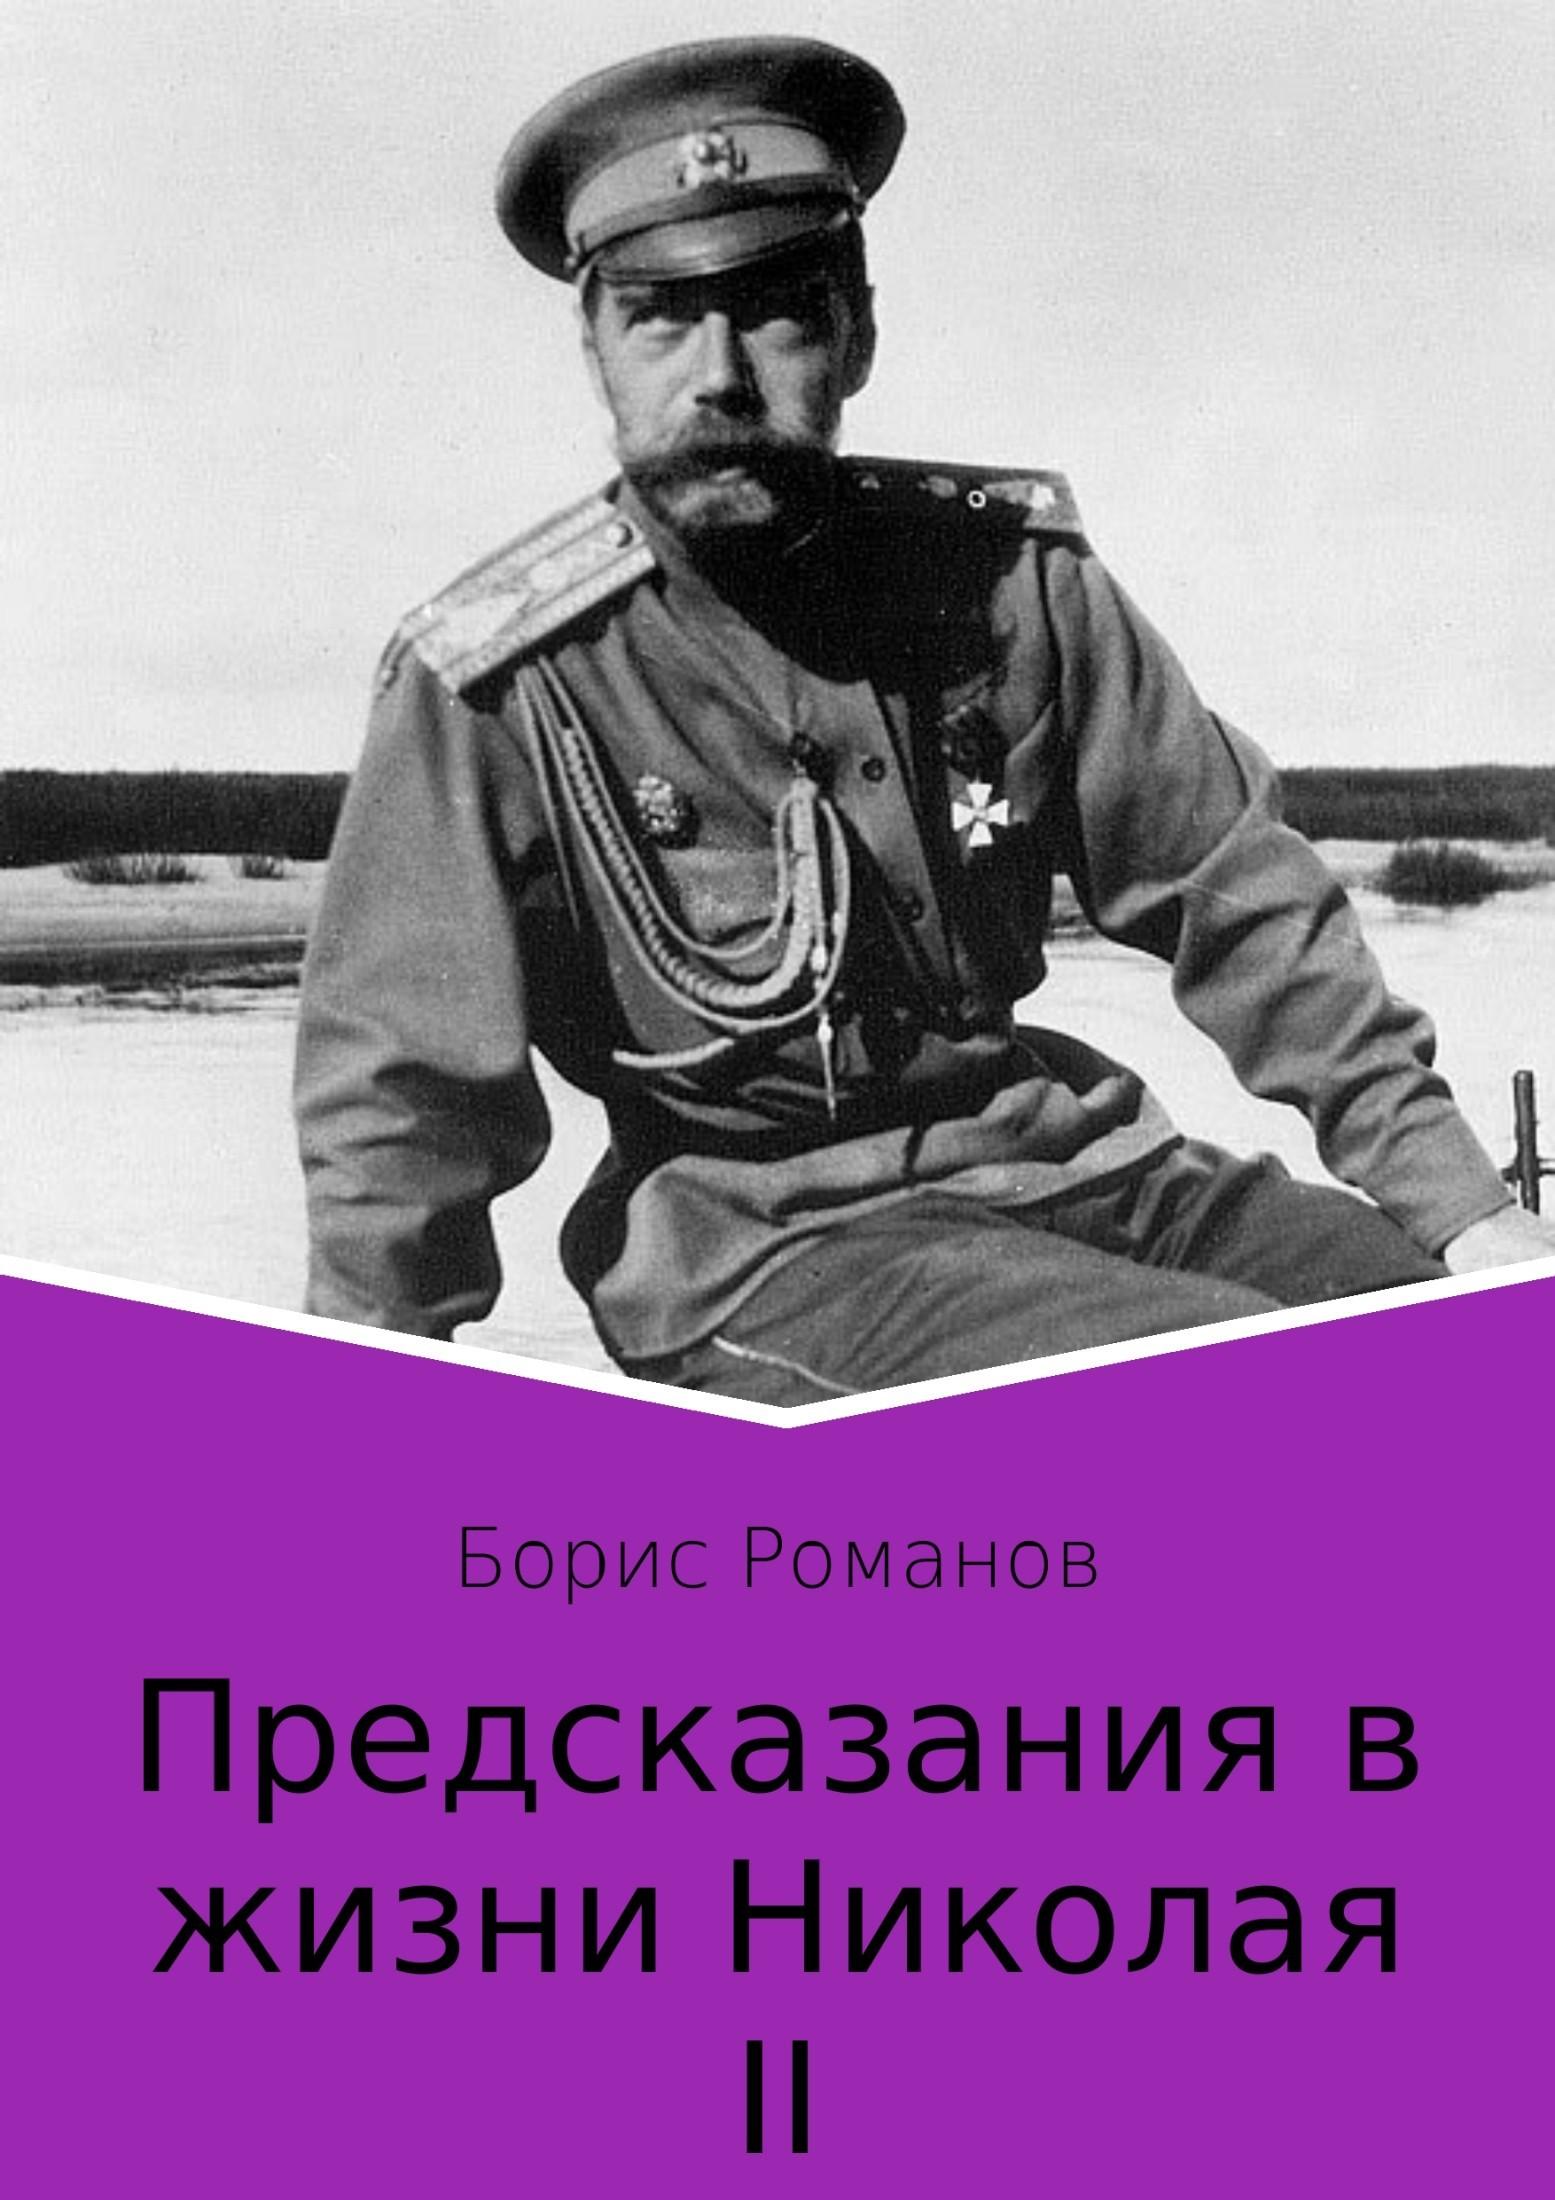 Борис Романов - Предсказания в жизни Николая II. Части 1 и 2